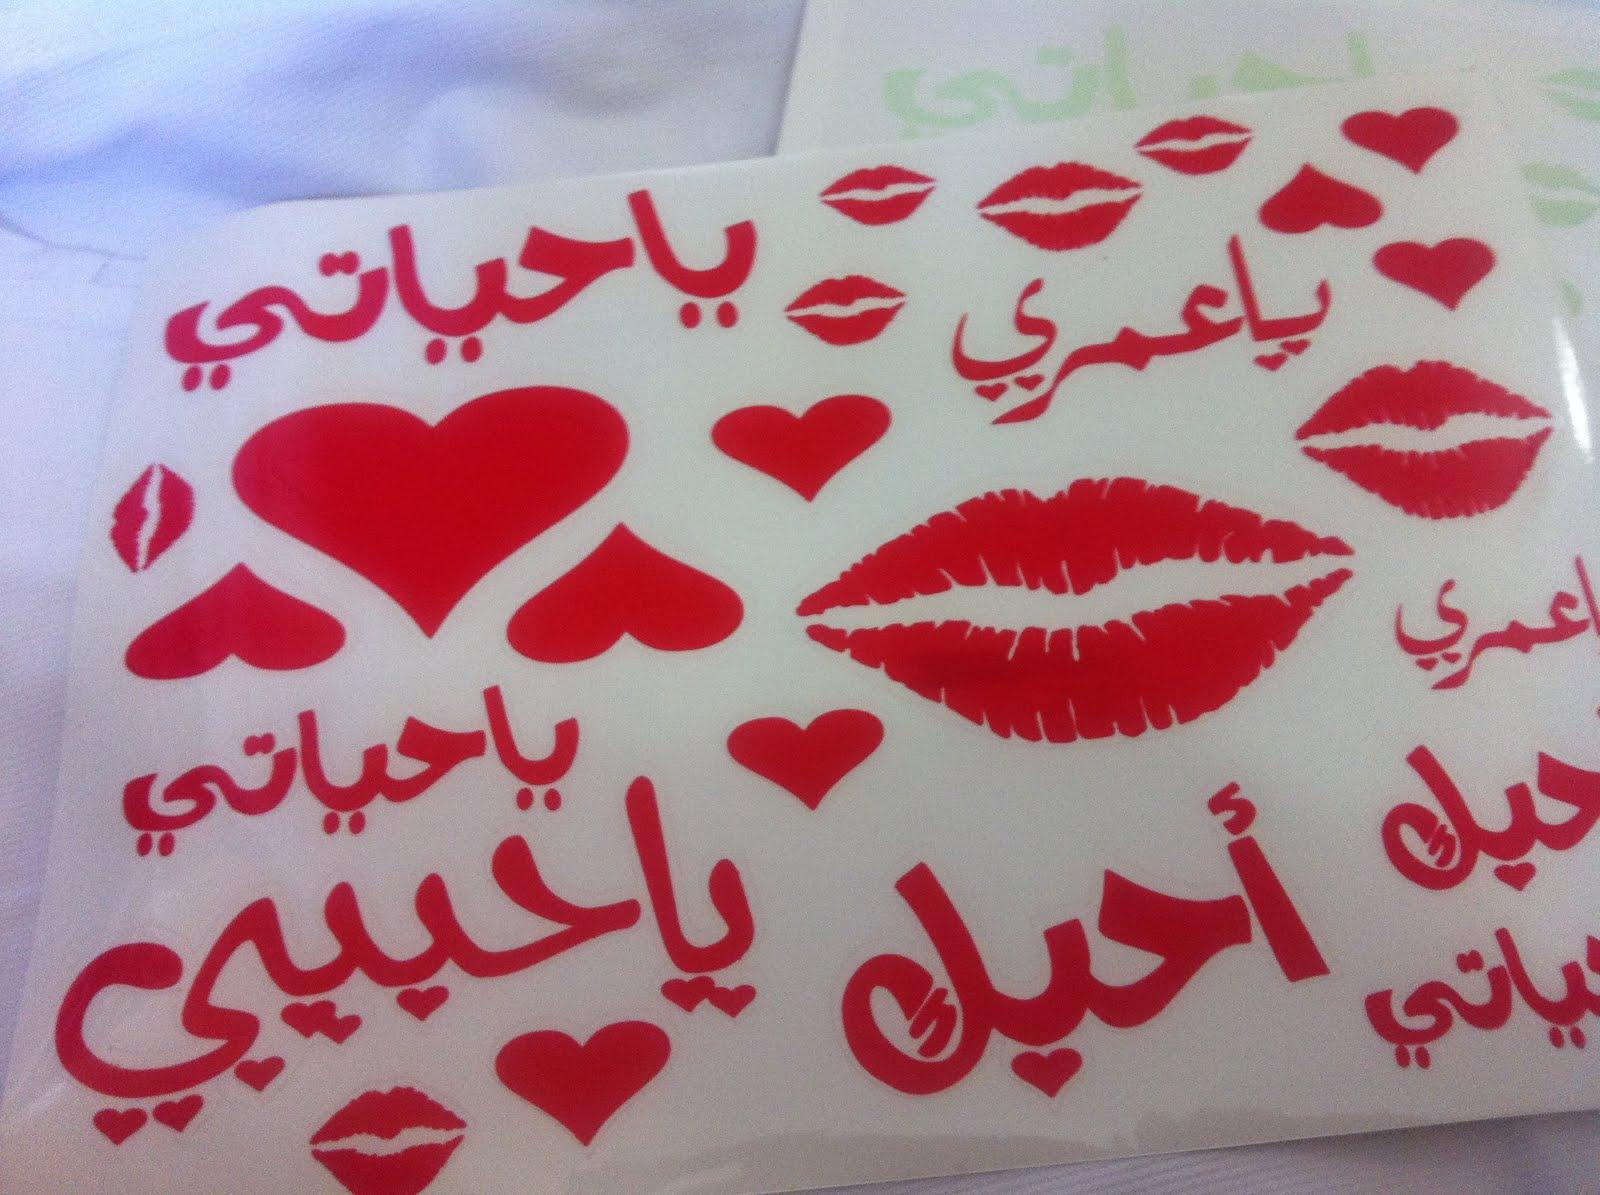 بالصور كلمات حب رومانسية , اجمل الكلمات الرومانسيه 331 9